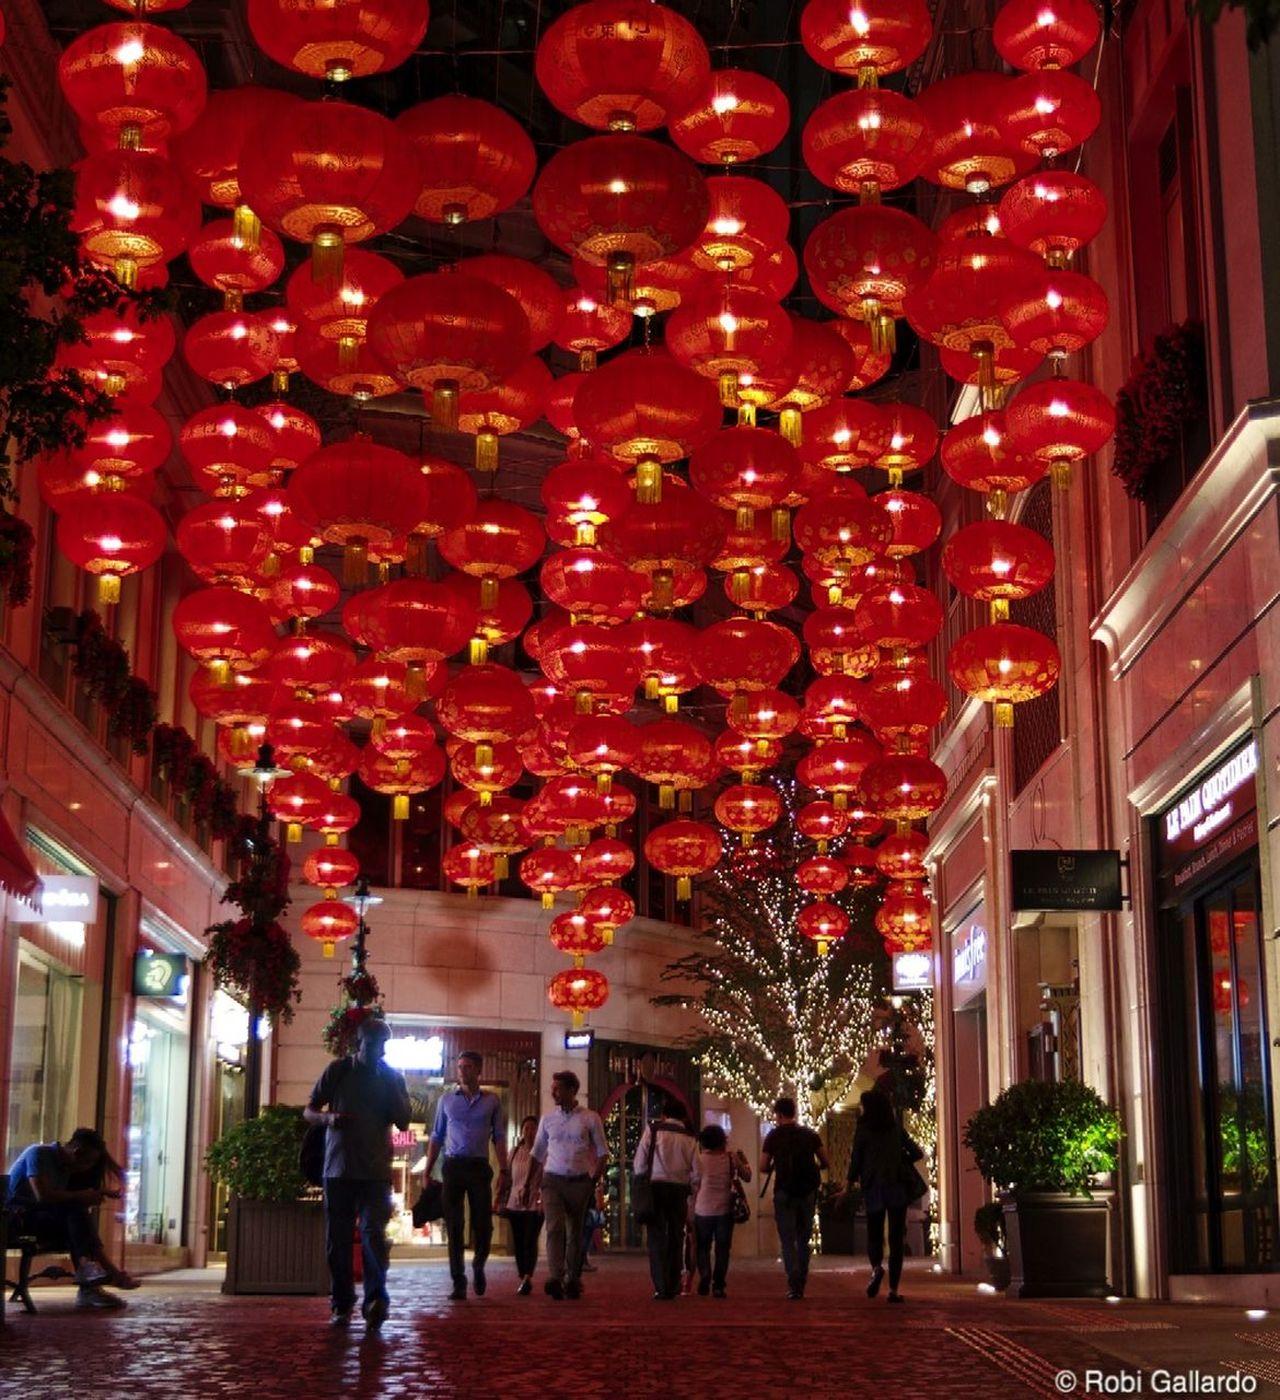 Lee Tung Street Chinese Lantern DSLR Dslrphotography Hanging HongKong Illuminated Lantern Night Night Lights Pentax Pentax K-3 People Red Street Street Photography